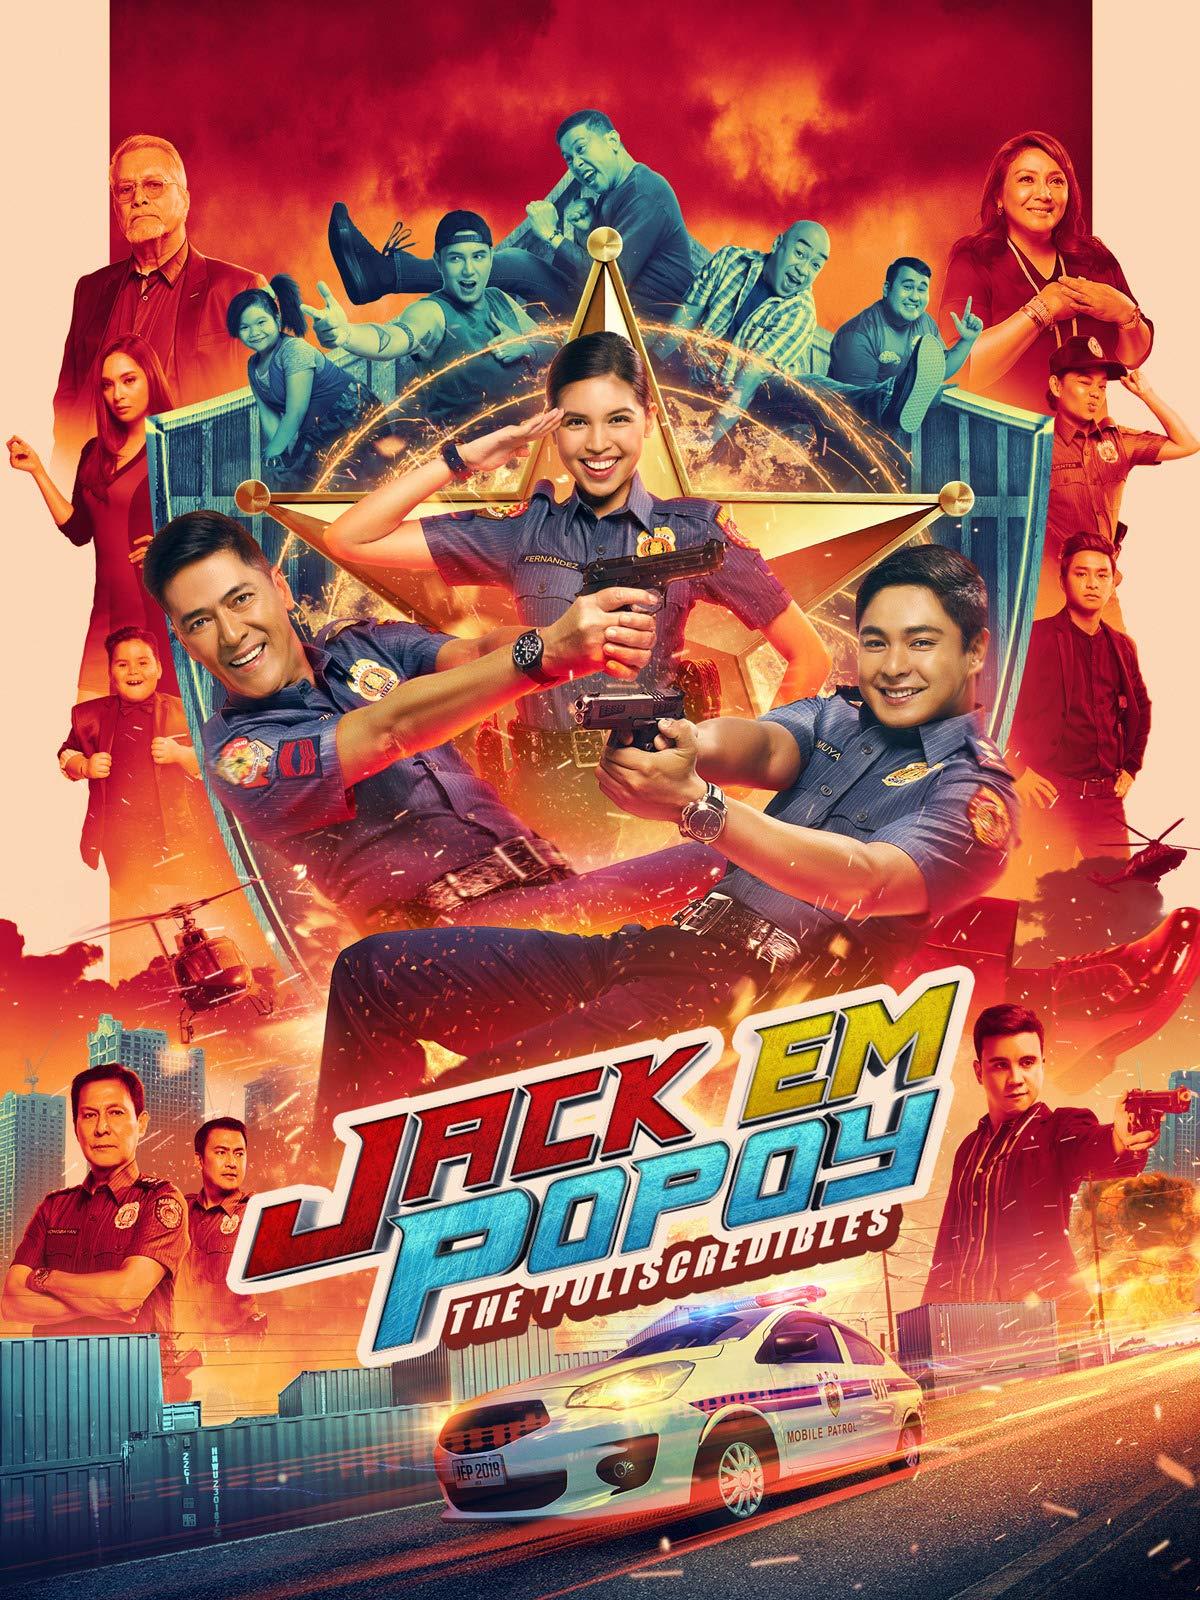 Amazon Com Jack Em Popoy The Puliscredibles Coco Martin Vic Sotto Maine Mendoza Arjo Atayde